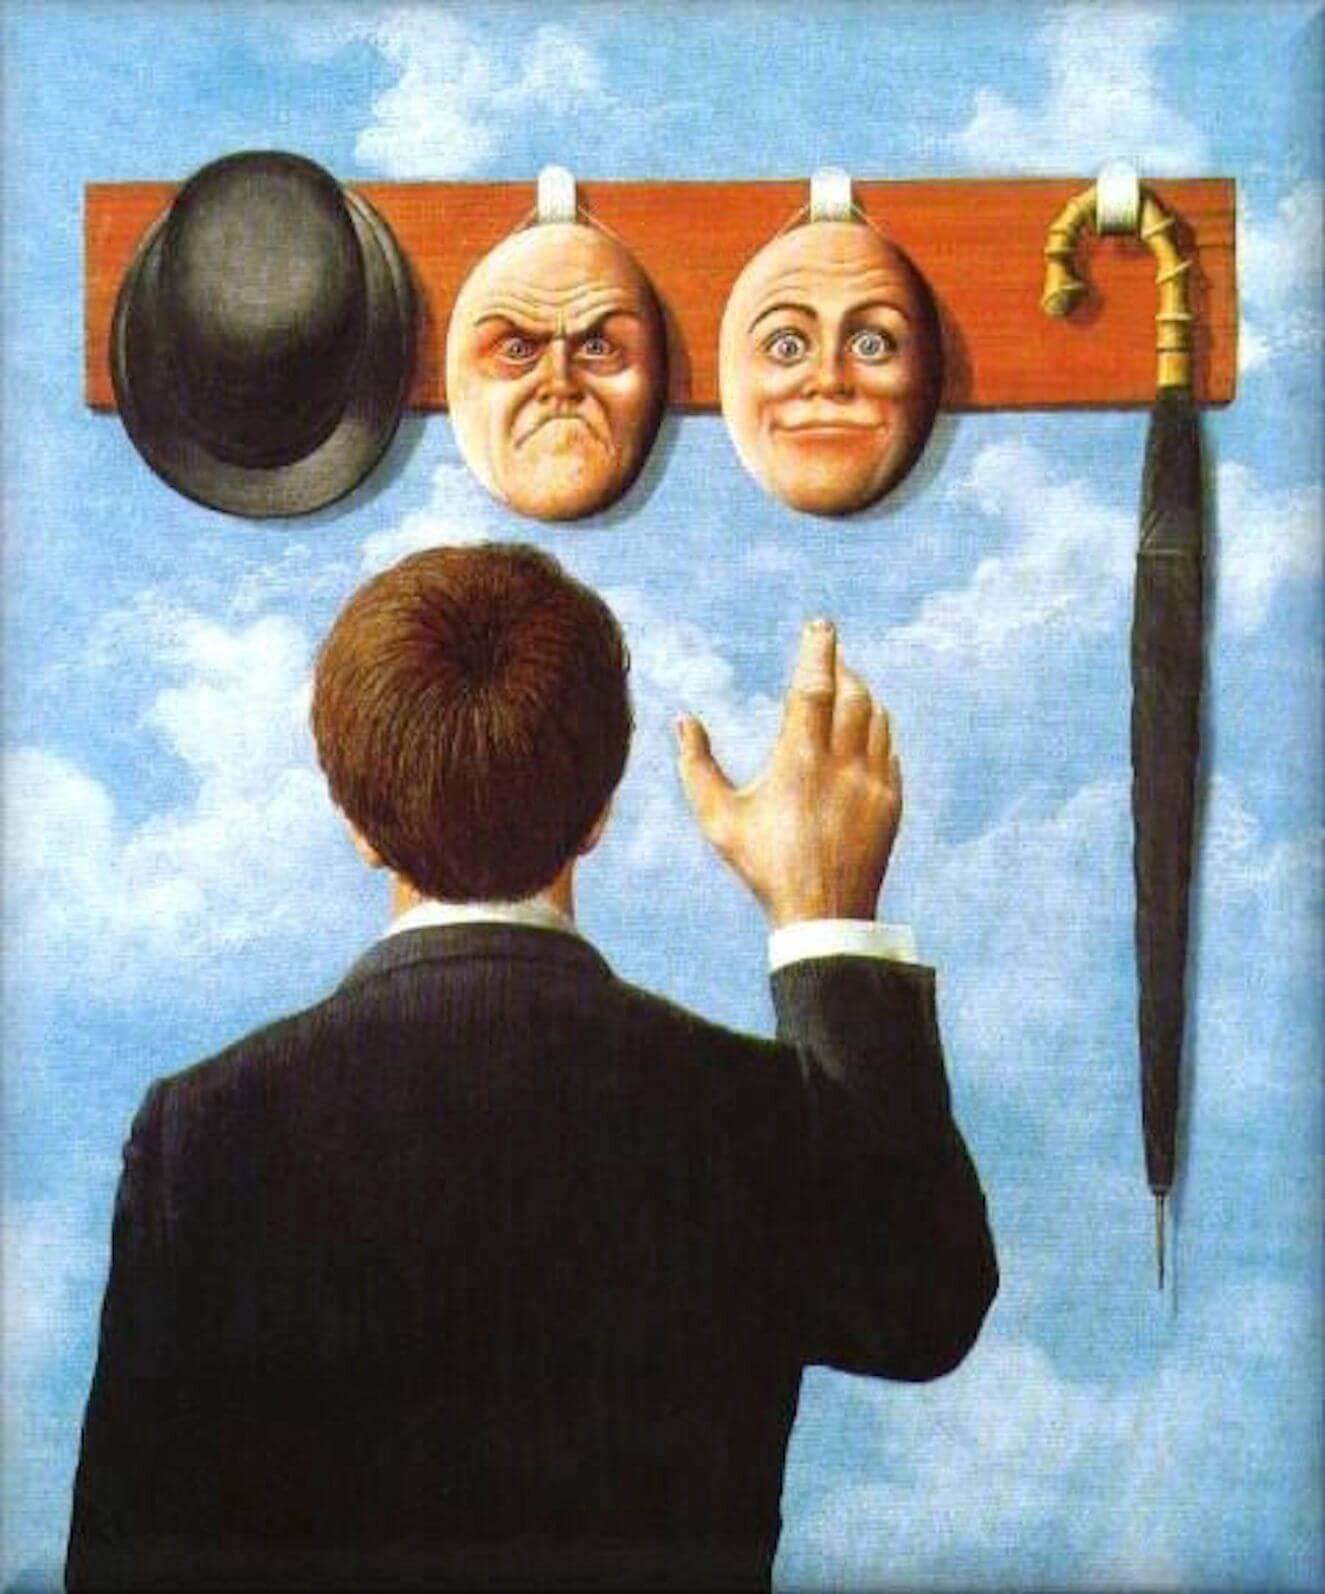 Magritte y su obra surrealista se hombre en perchero con caras